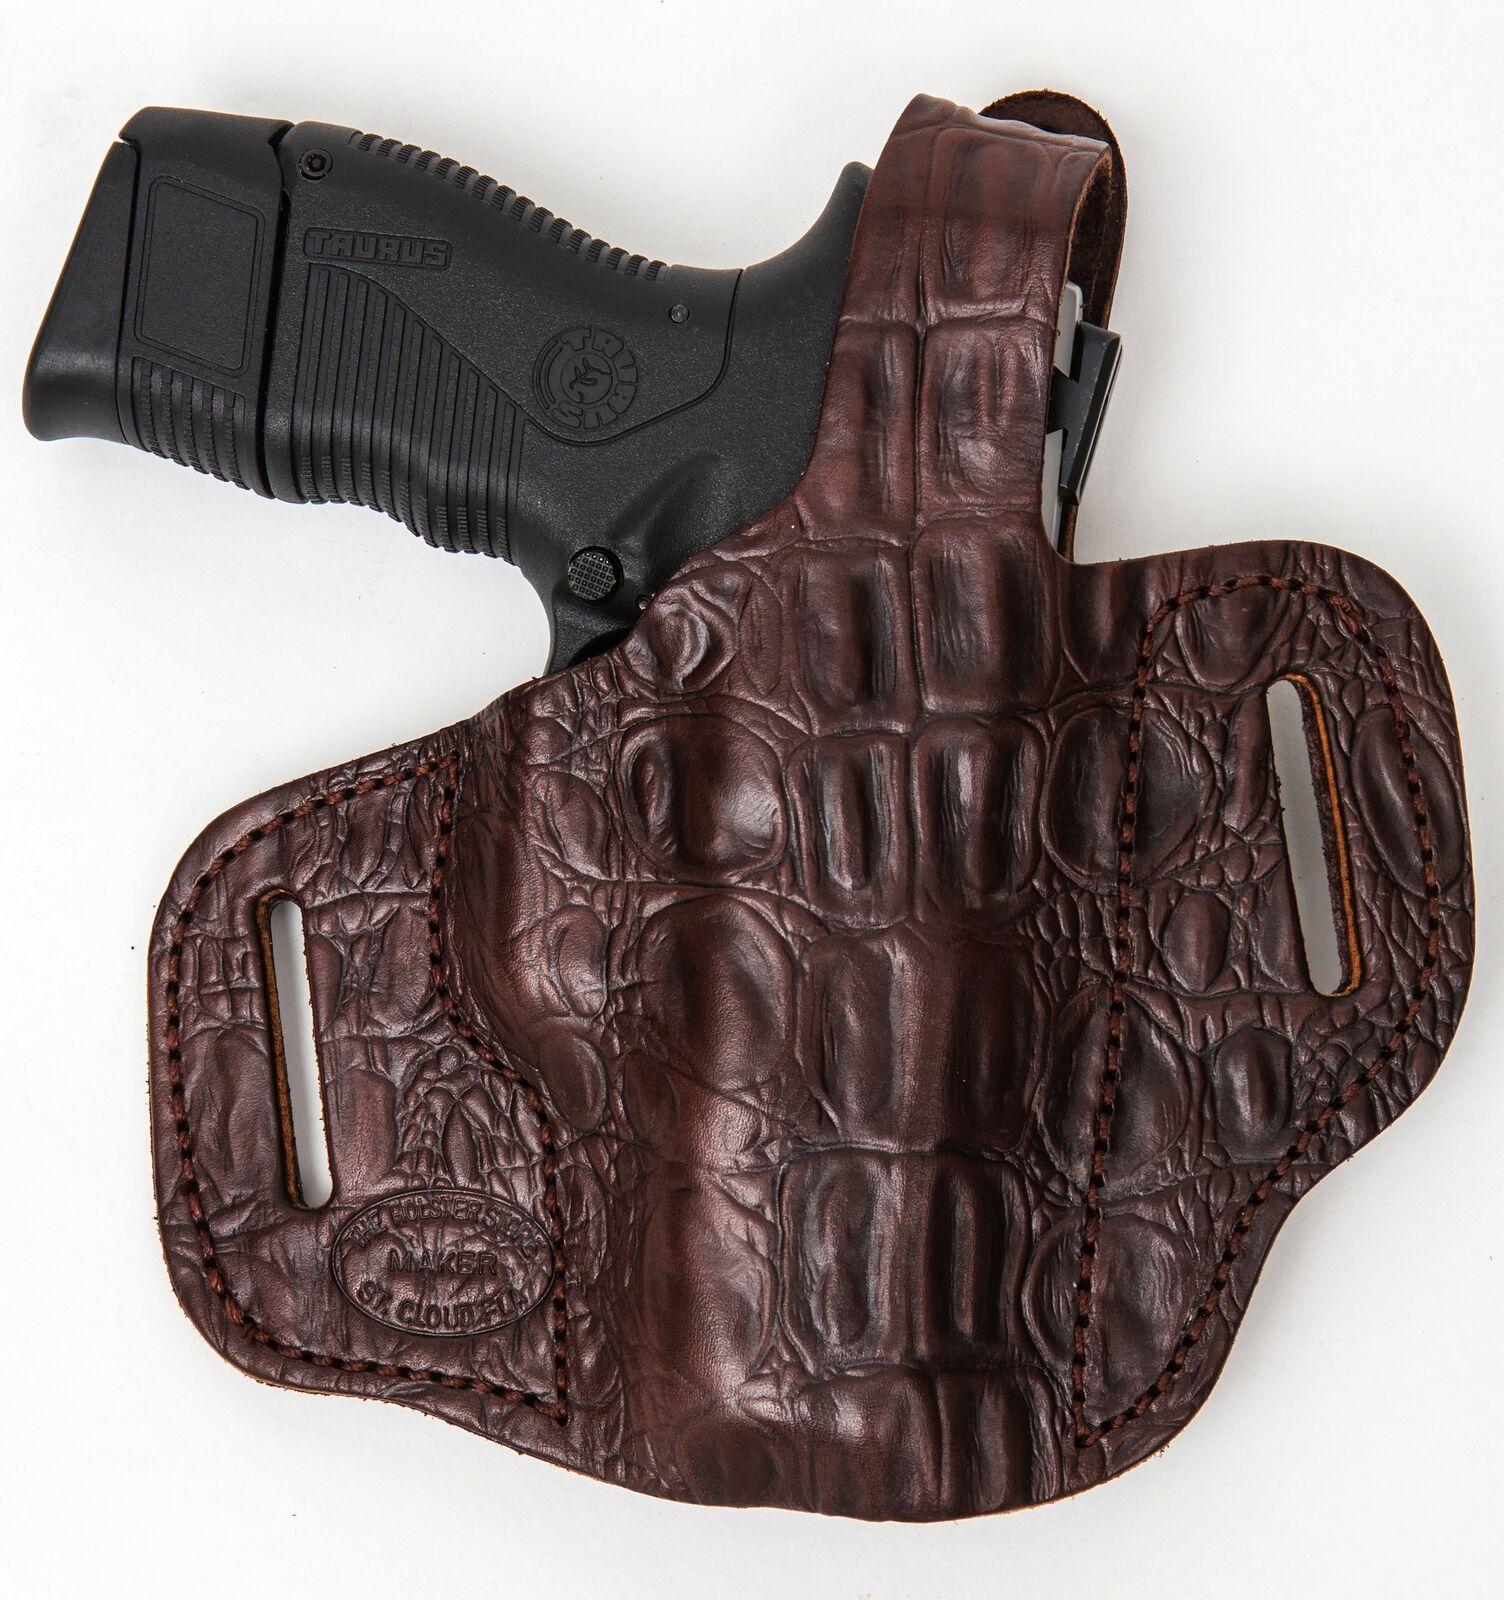 On Duty Conceal RH LH OWB Leder Gun Holster Colt For Colt Holster Agent 1911 Model 6558c2